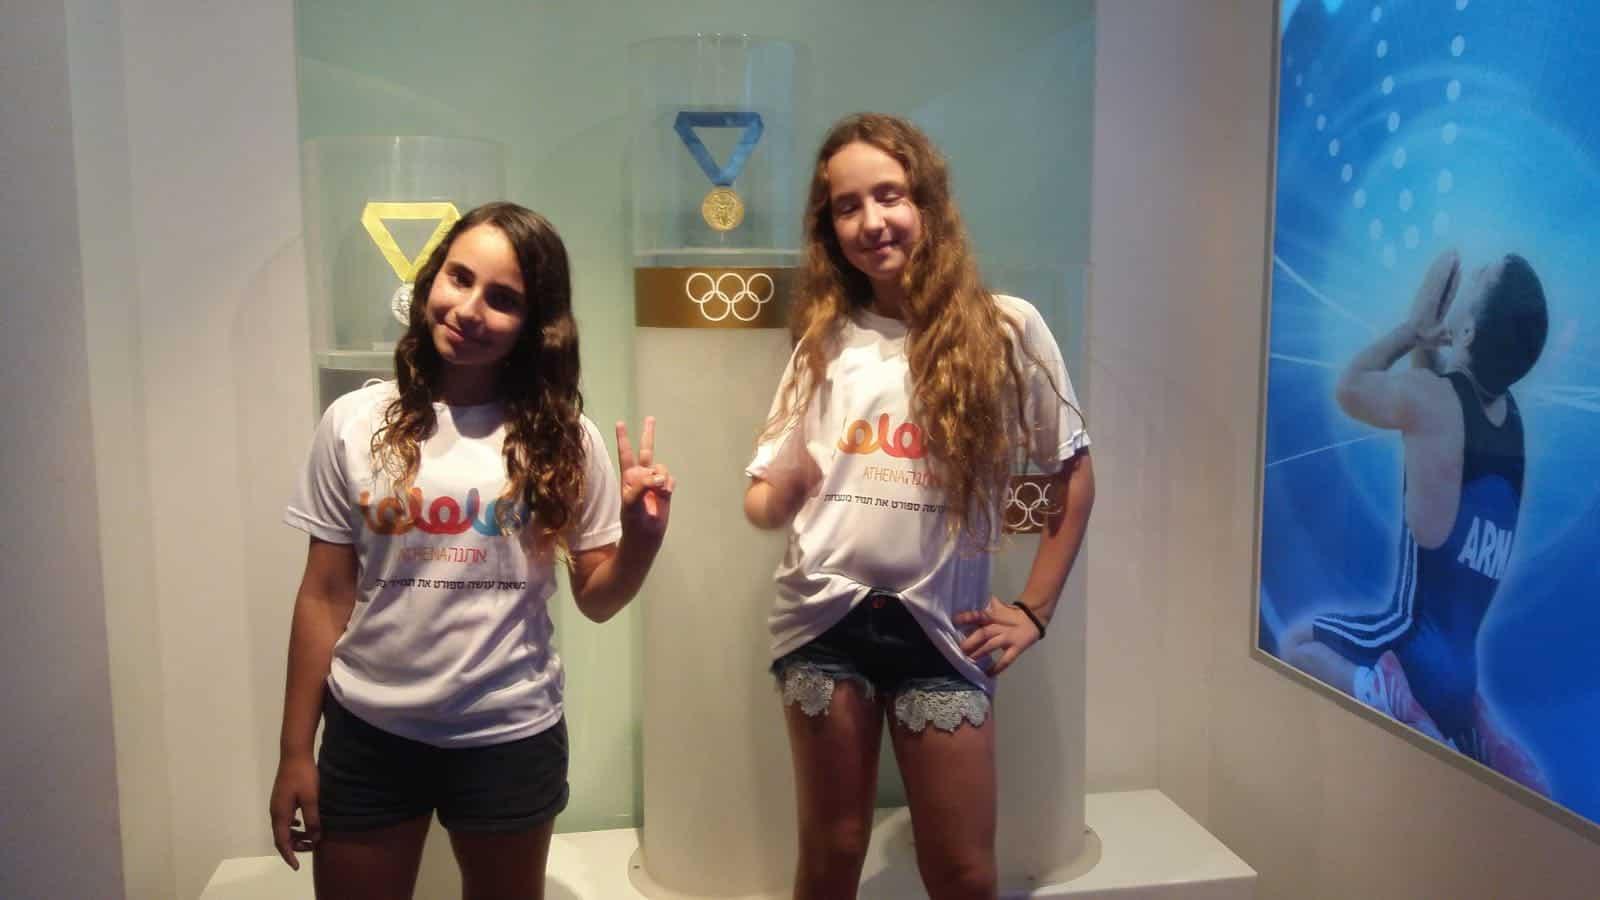 הטניסאיות הצעירות בחוויה האוליפית, צילום: באדיבות העמותה לקידום הספורט בגבעתיים